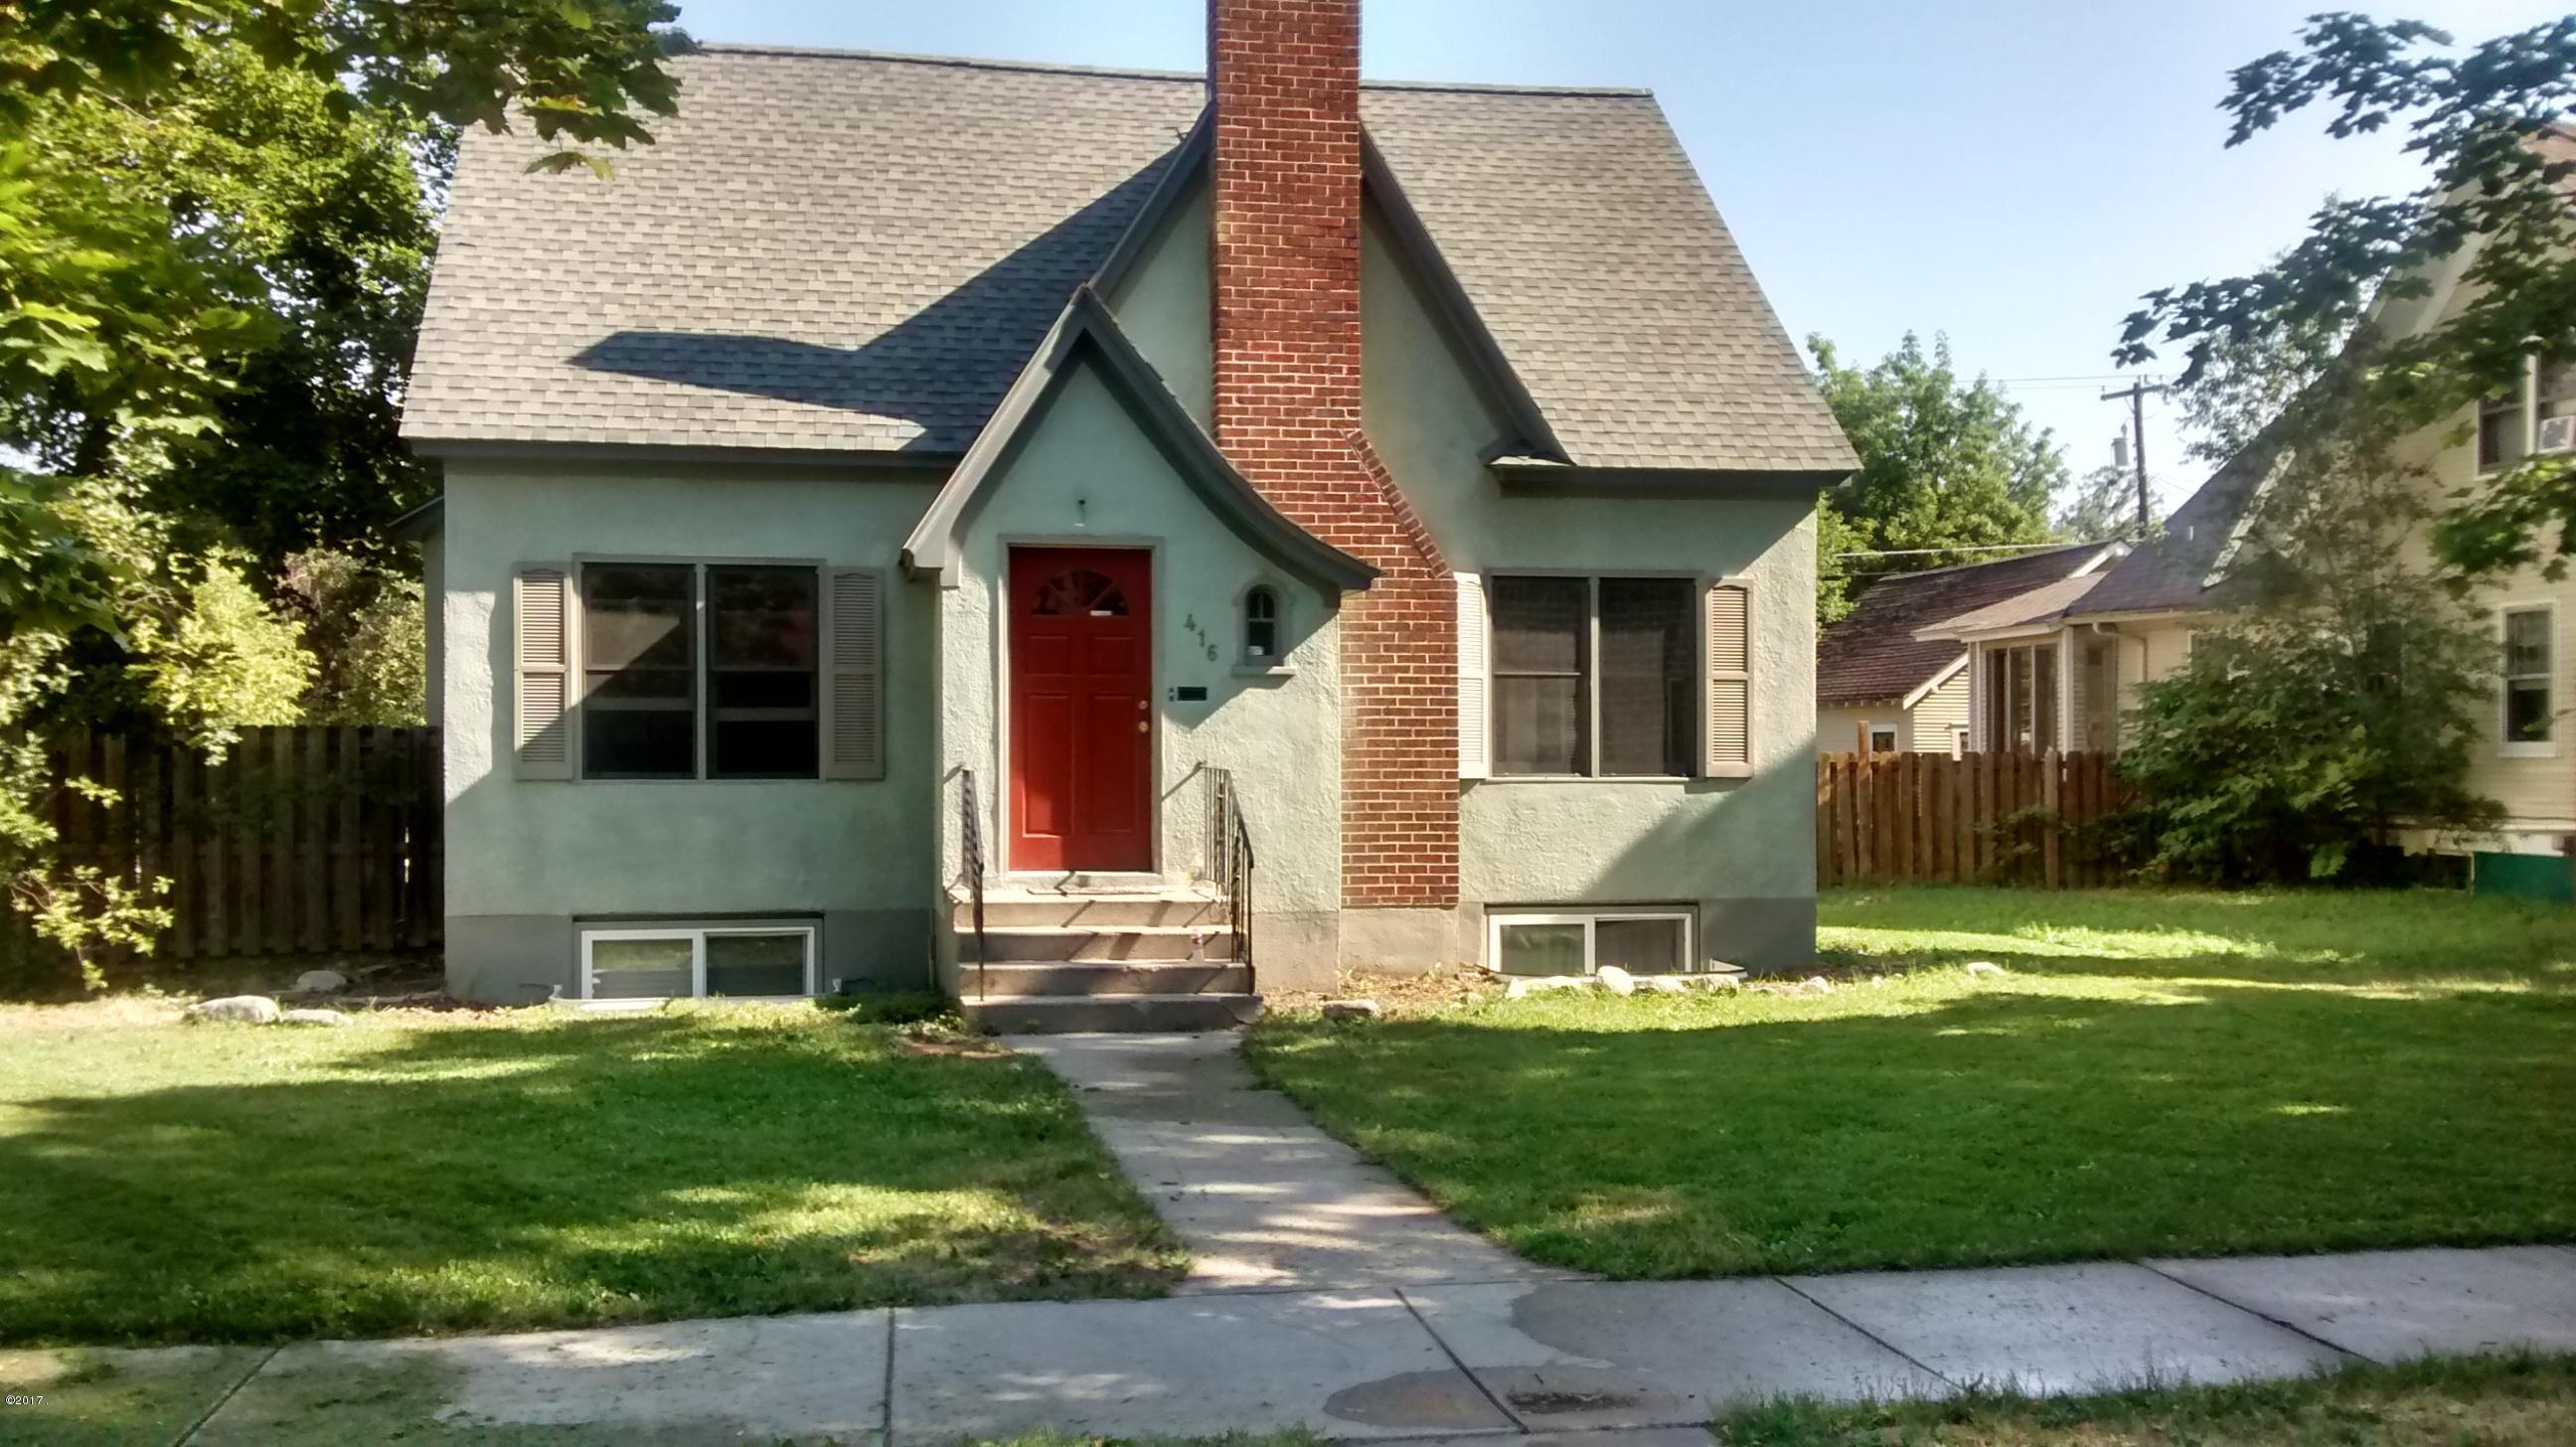 416 South 6th Street East, Missoula, MT 59801